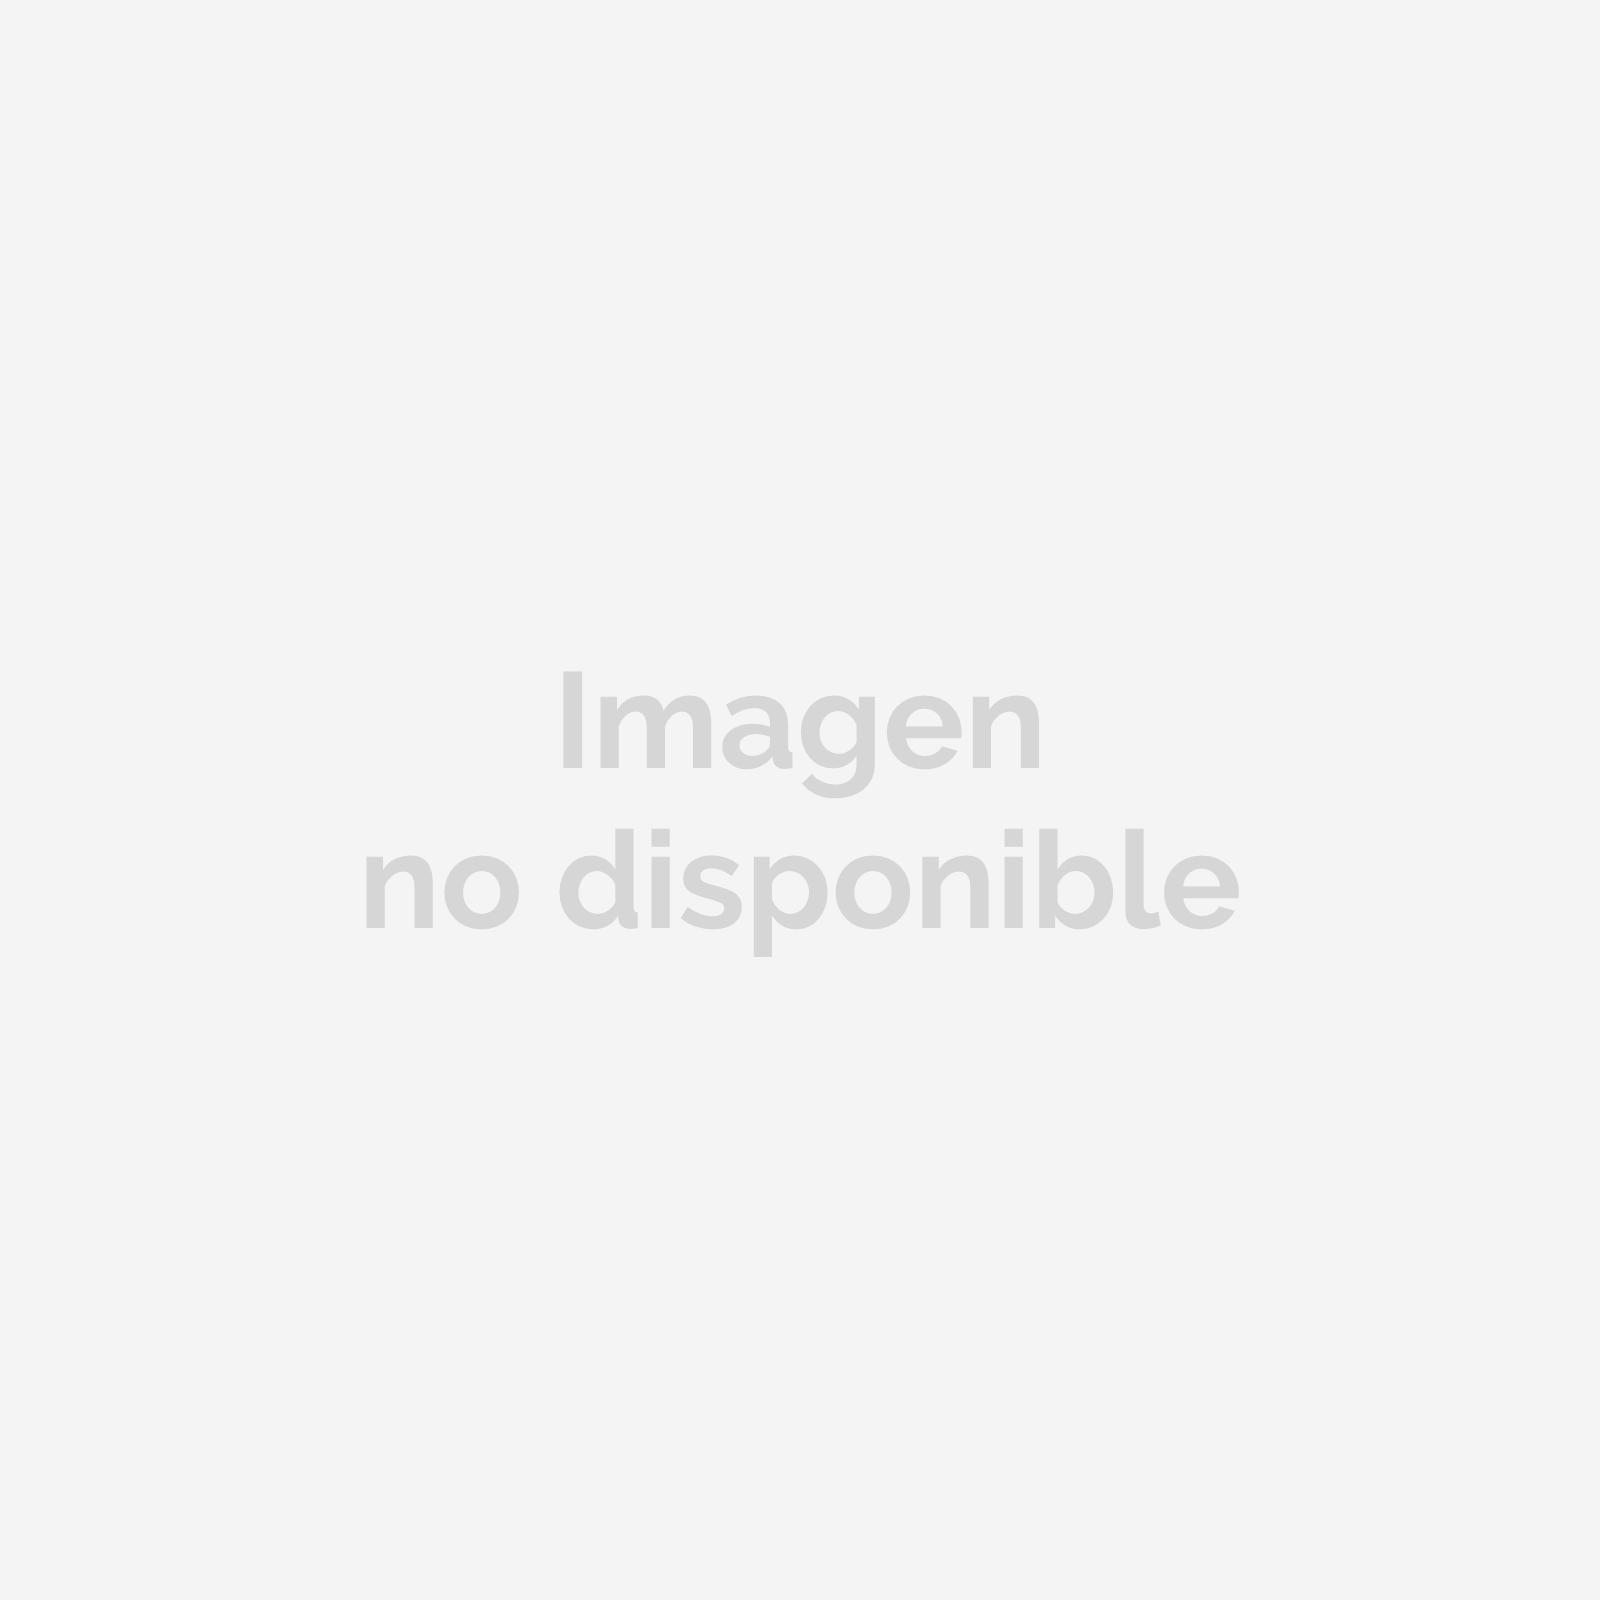 Colombia Noir Cafetera De Aluminio 12 tz